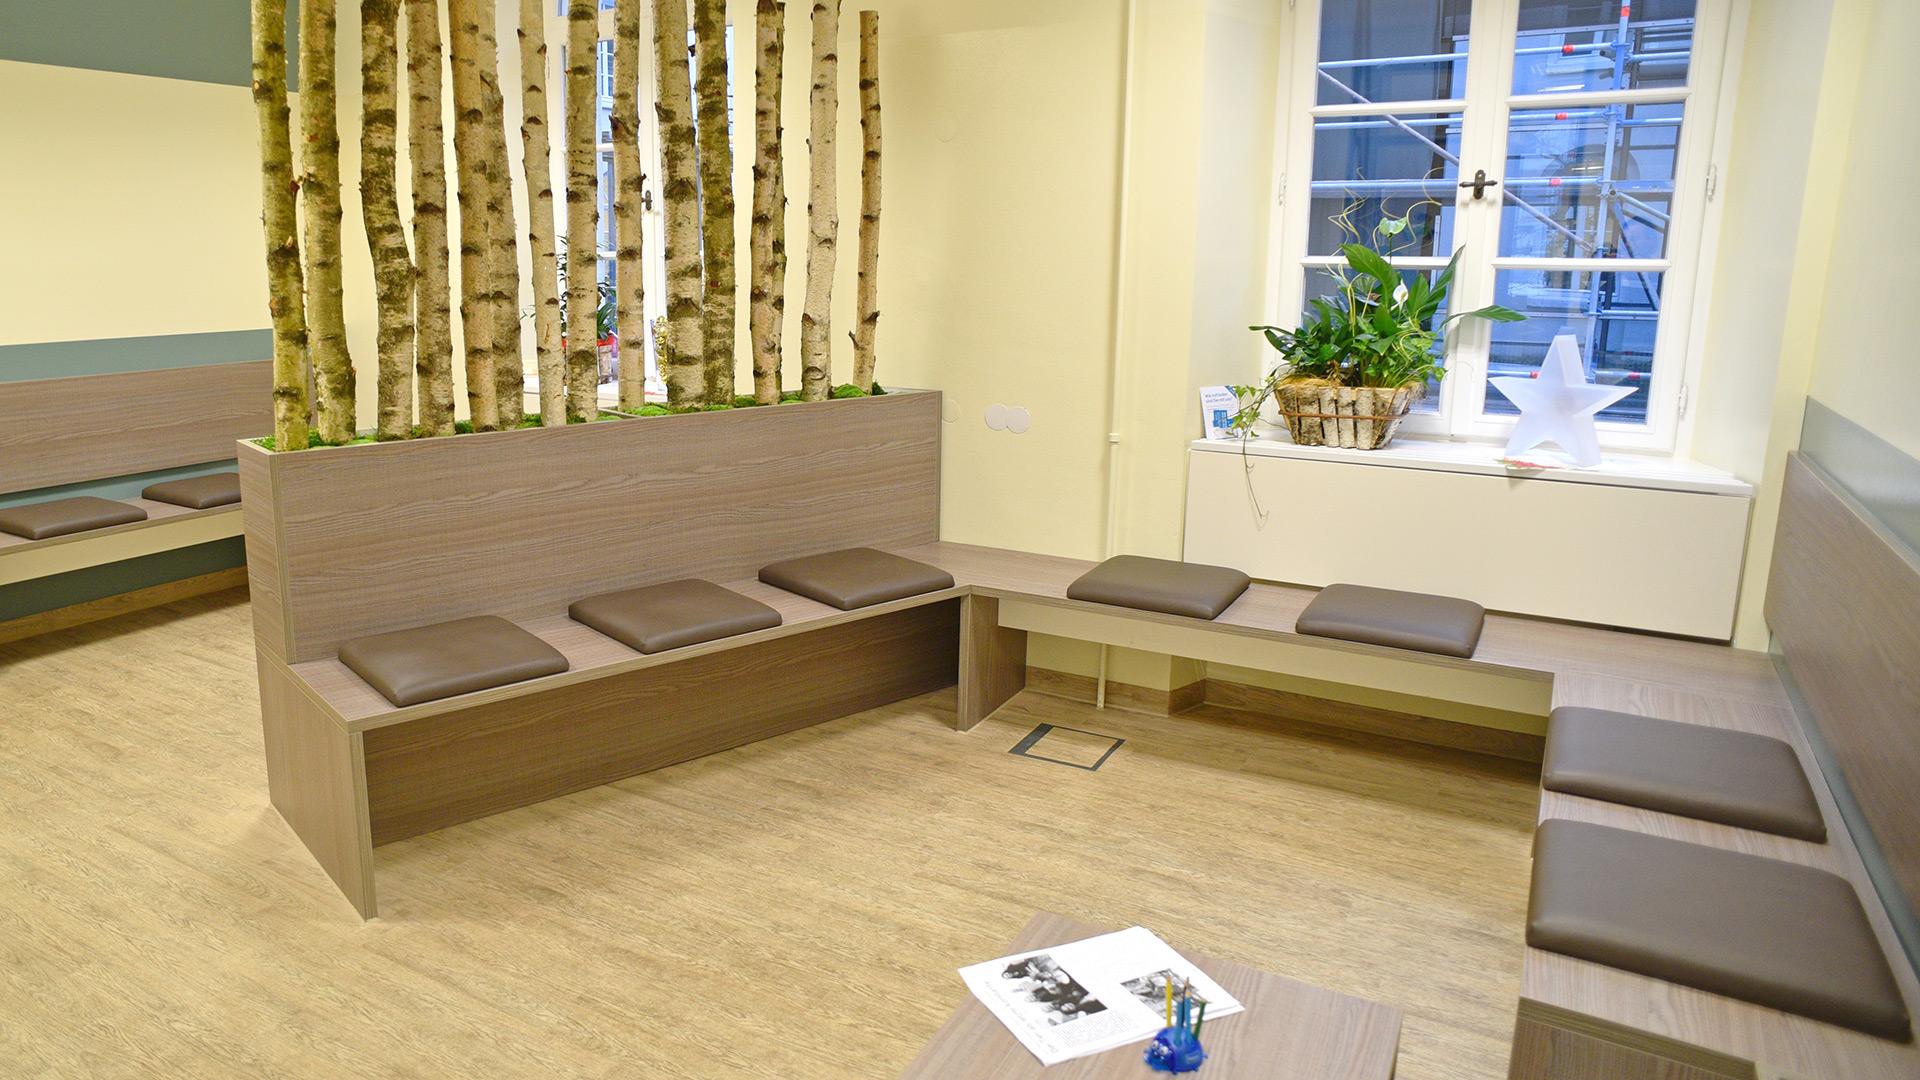 Angenehmer Wartebereich mit Raumteiler aus Birkenstämmen